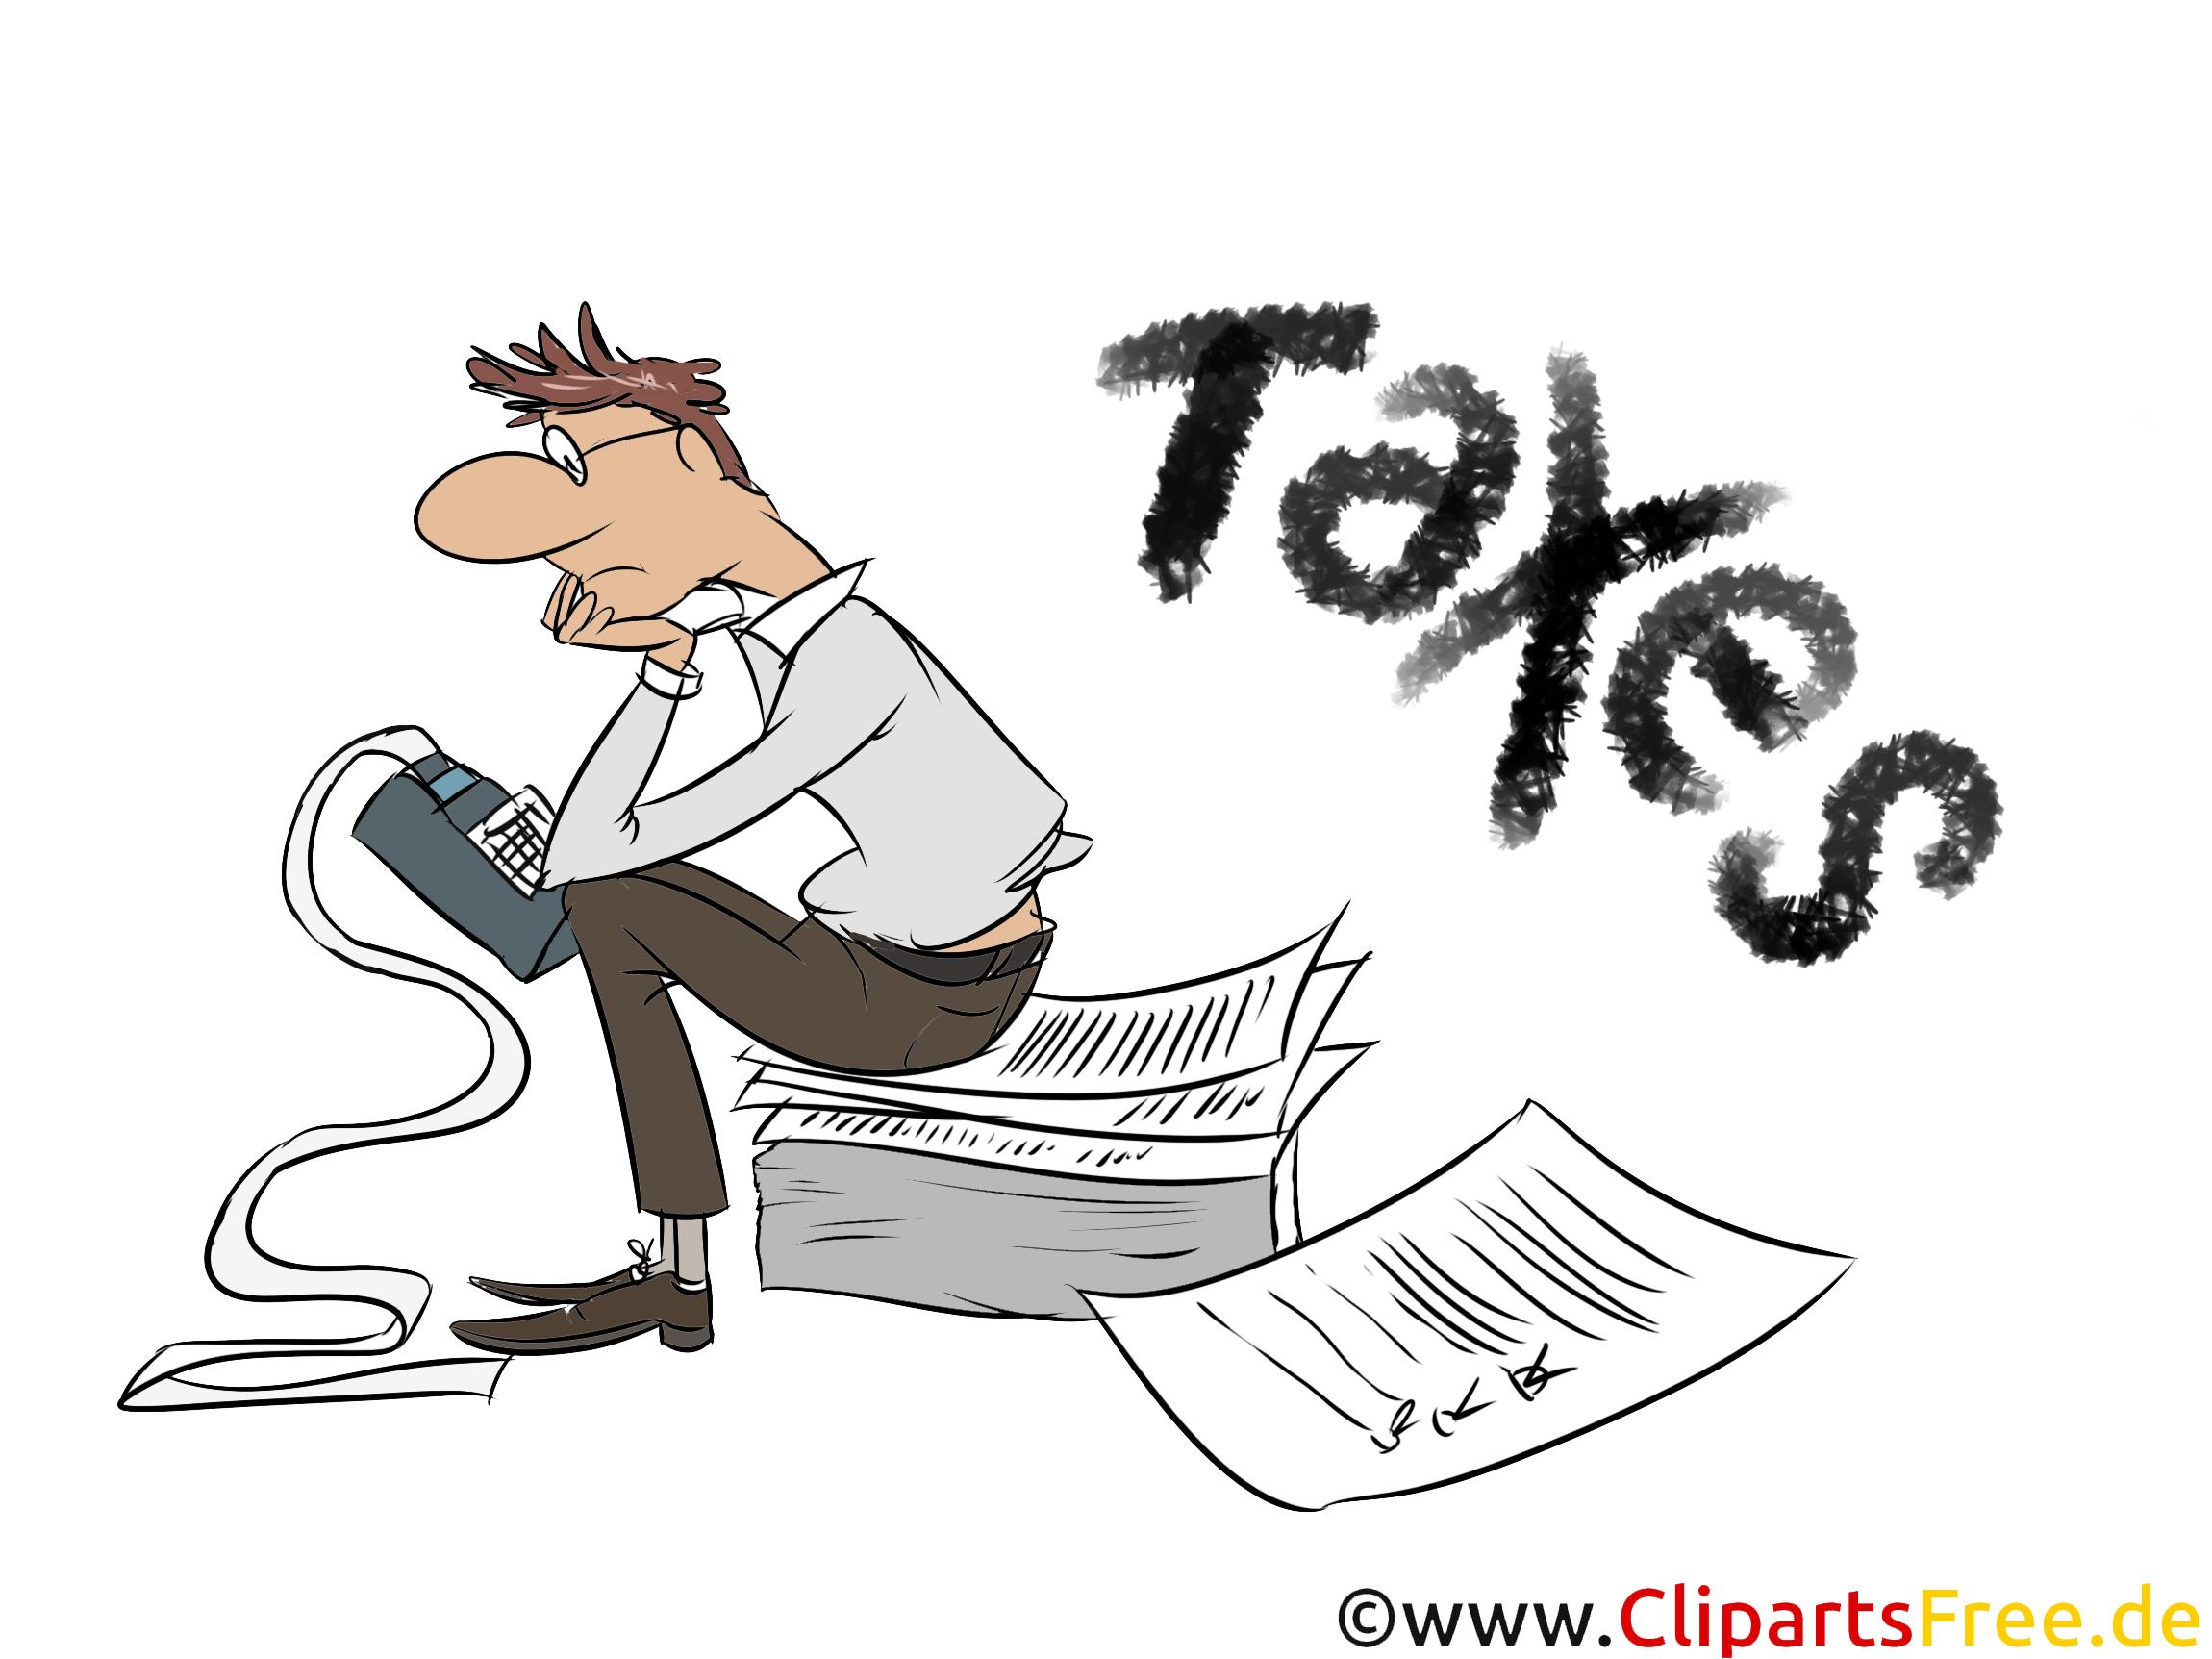 Einkommensteuererklärung erstellen Cliparts, Bilder, Illustrationen gratis